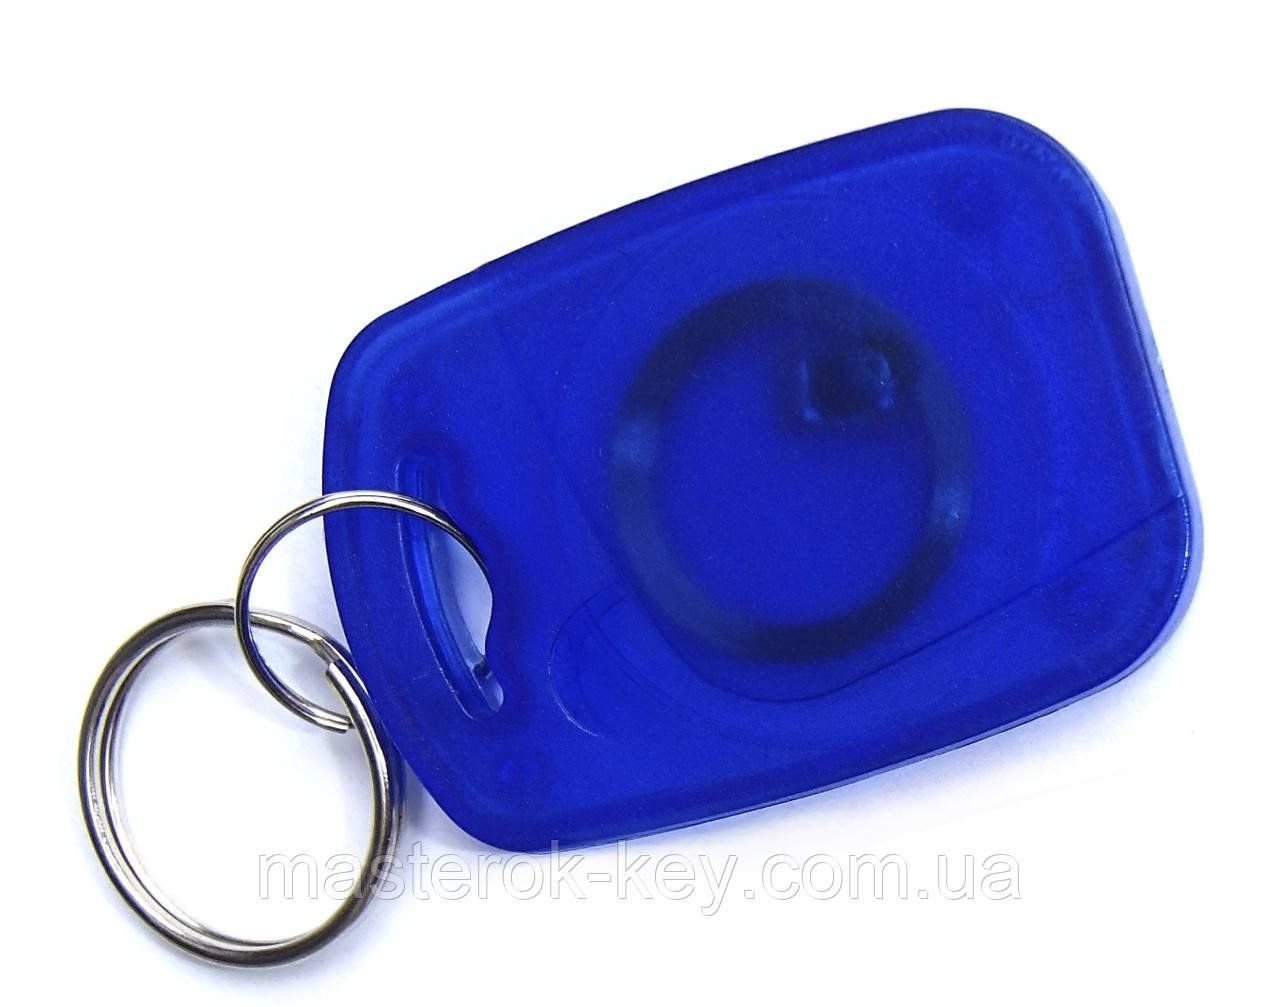 Заготовка ключа для домофона RFID 5577 Фигурная #1 перезаписываемая Синяя